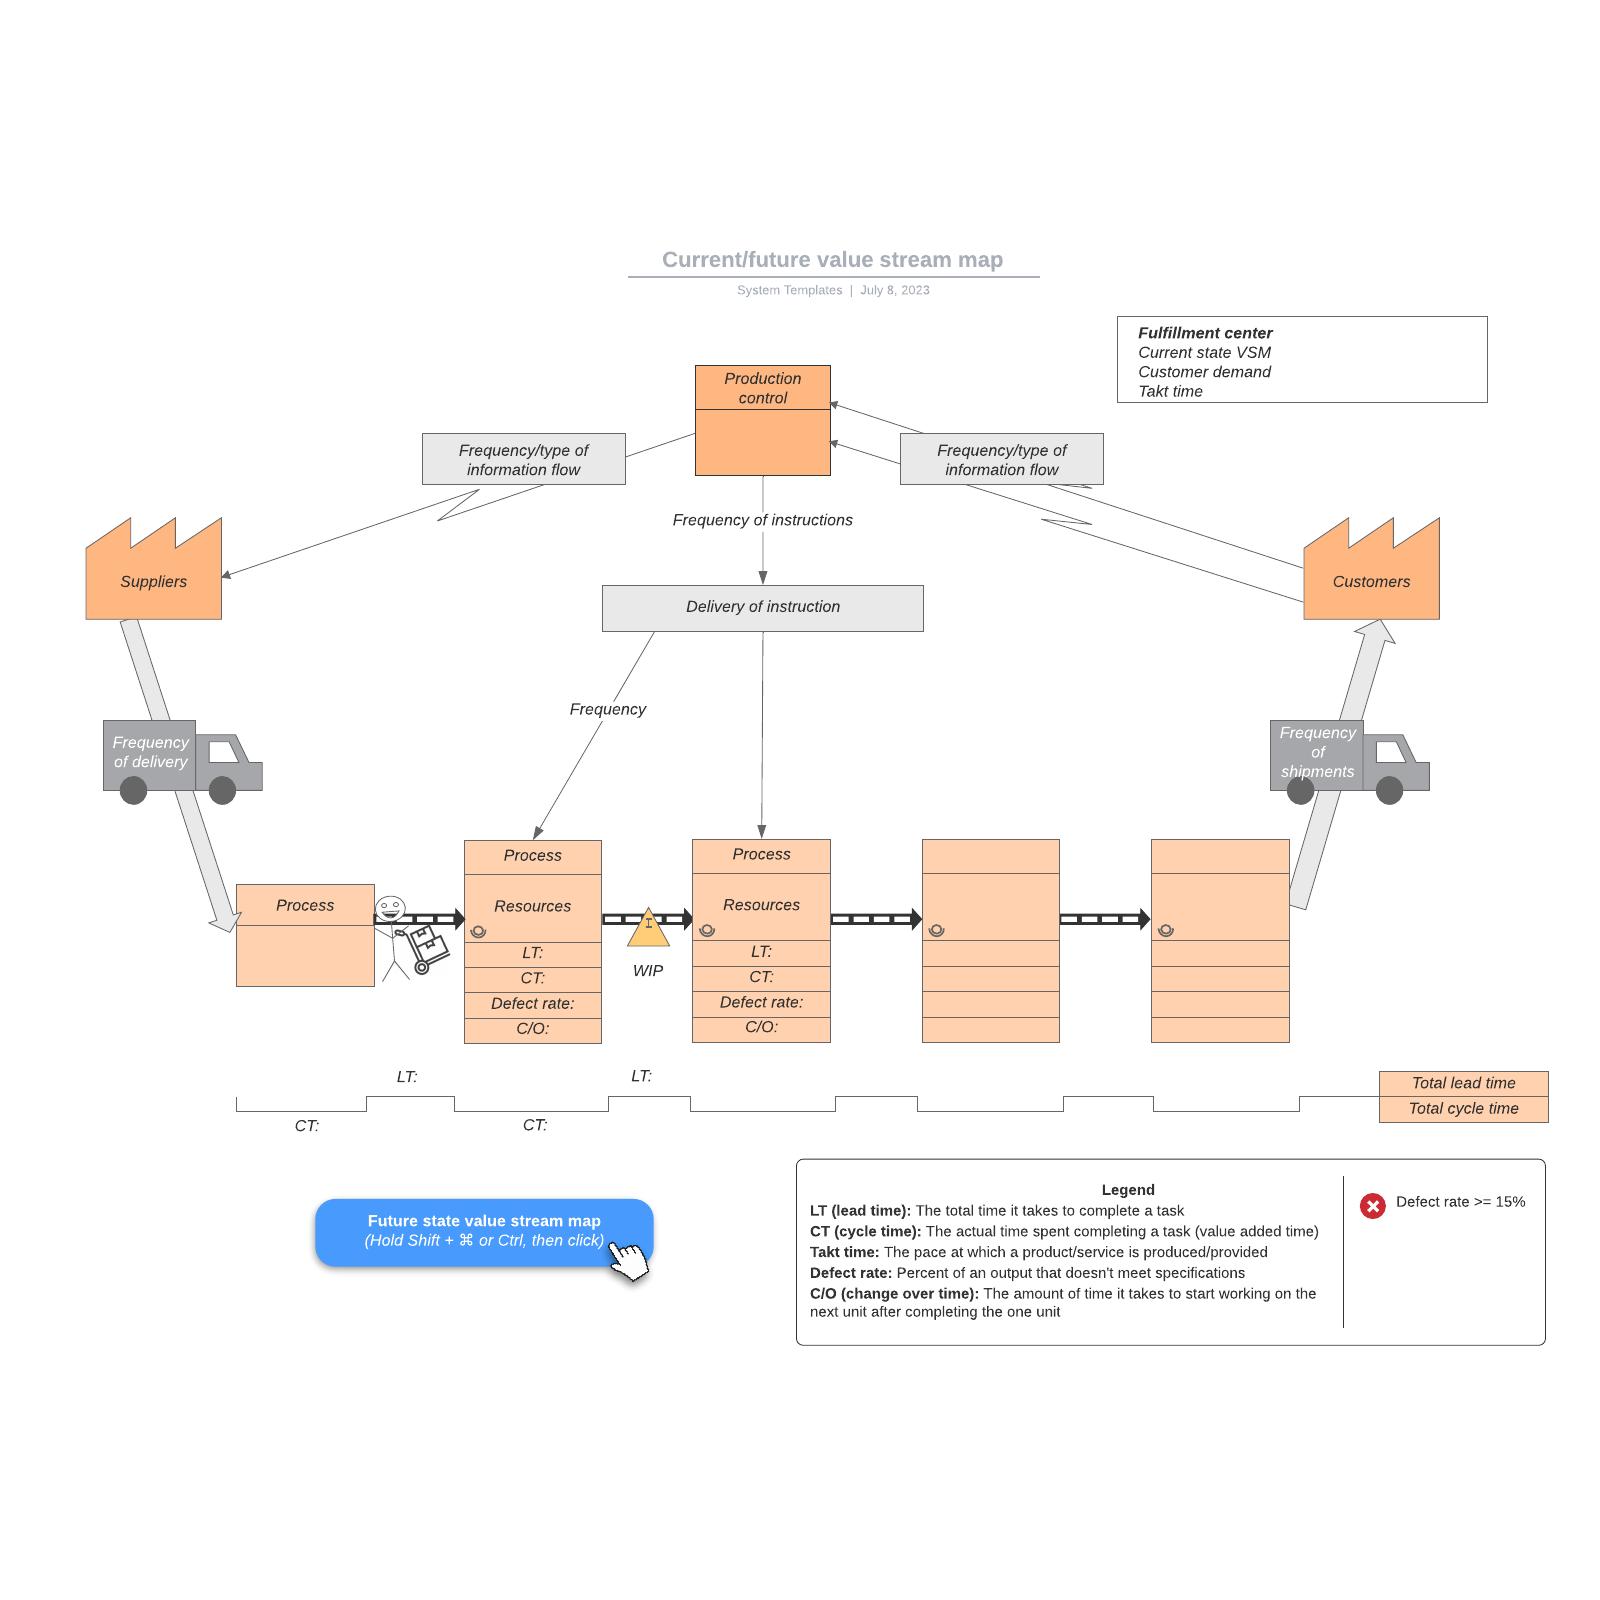 Current/future value stream map